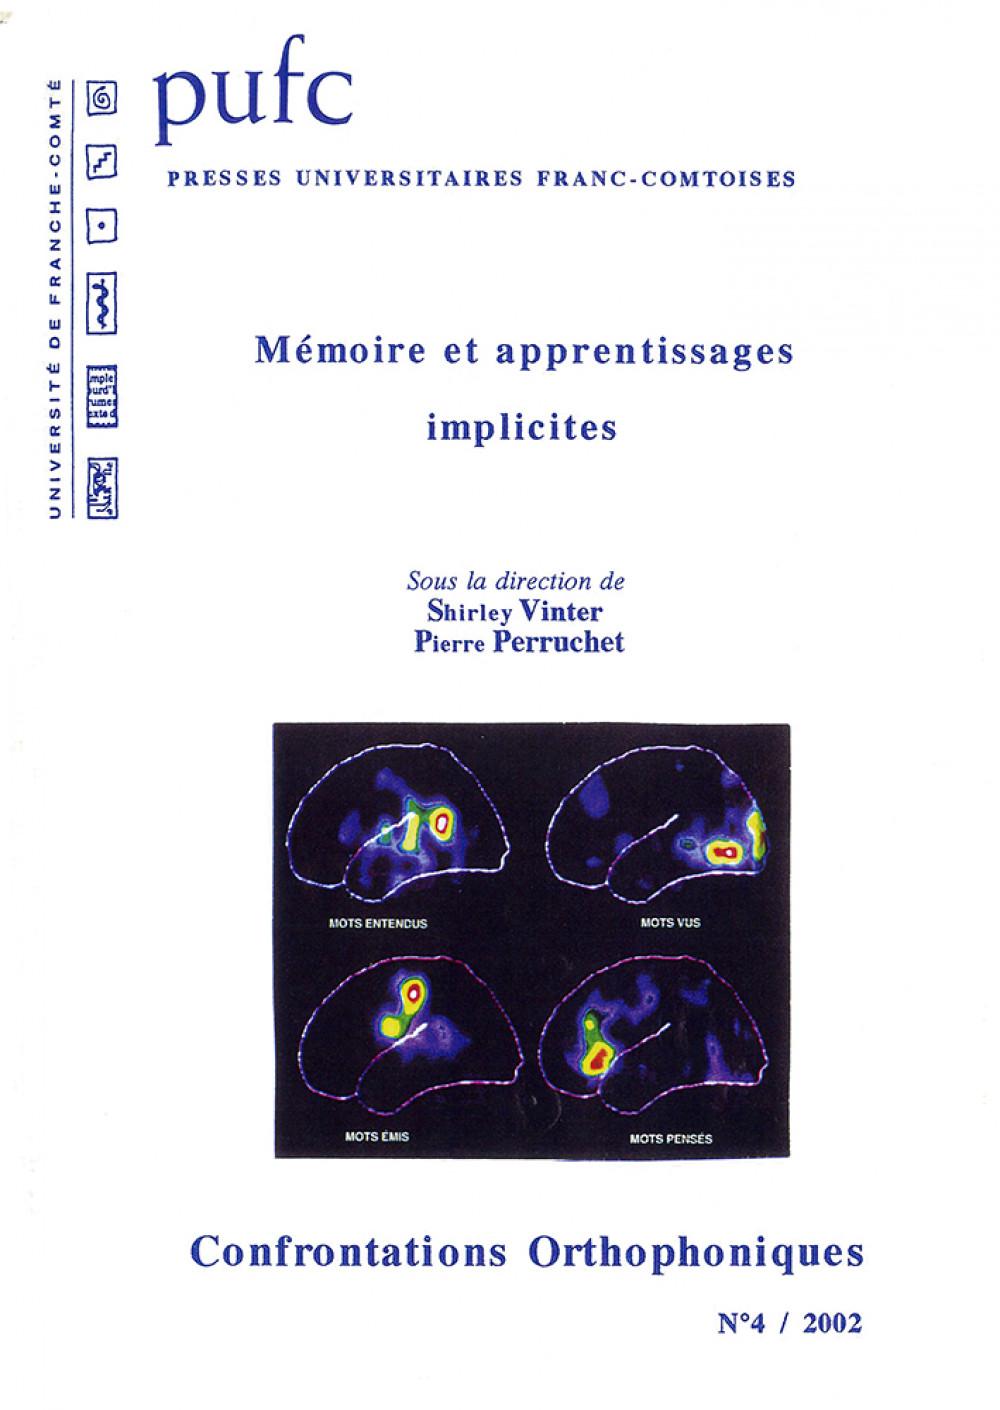 Mémoire et apprentissages implicites